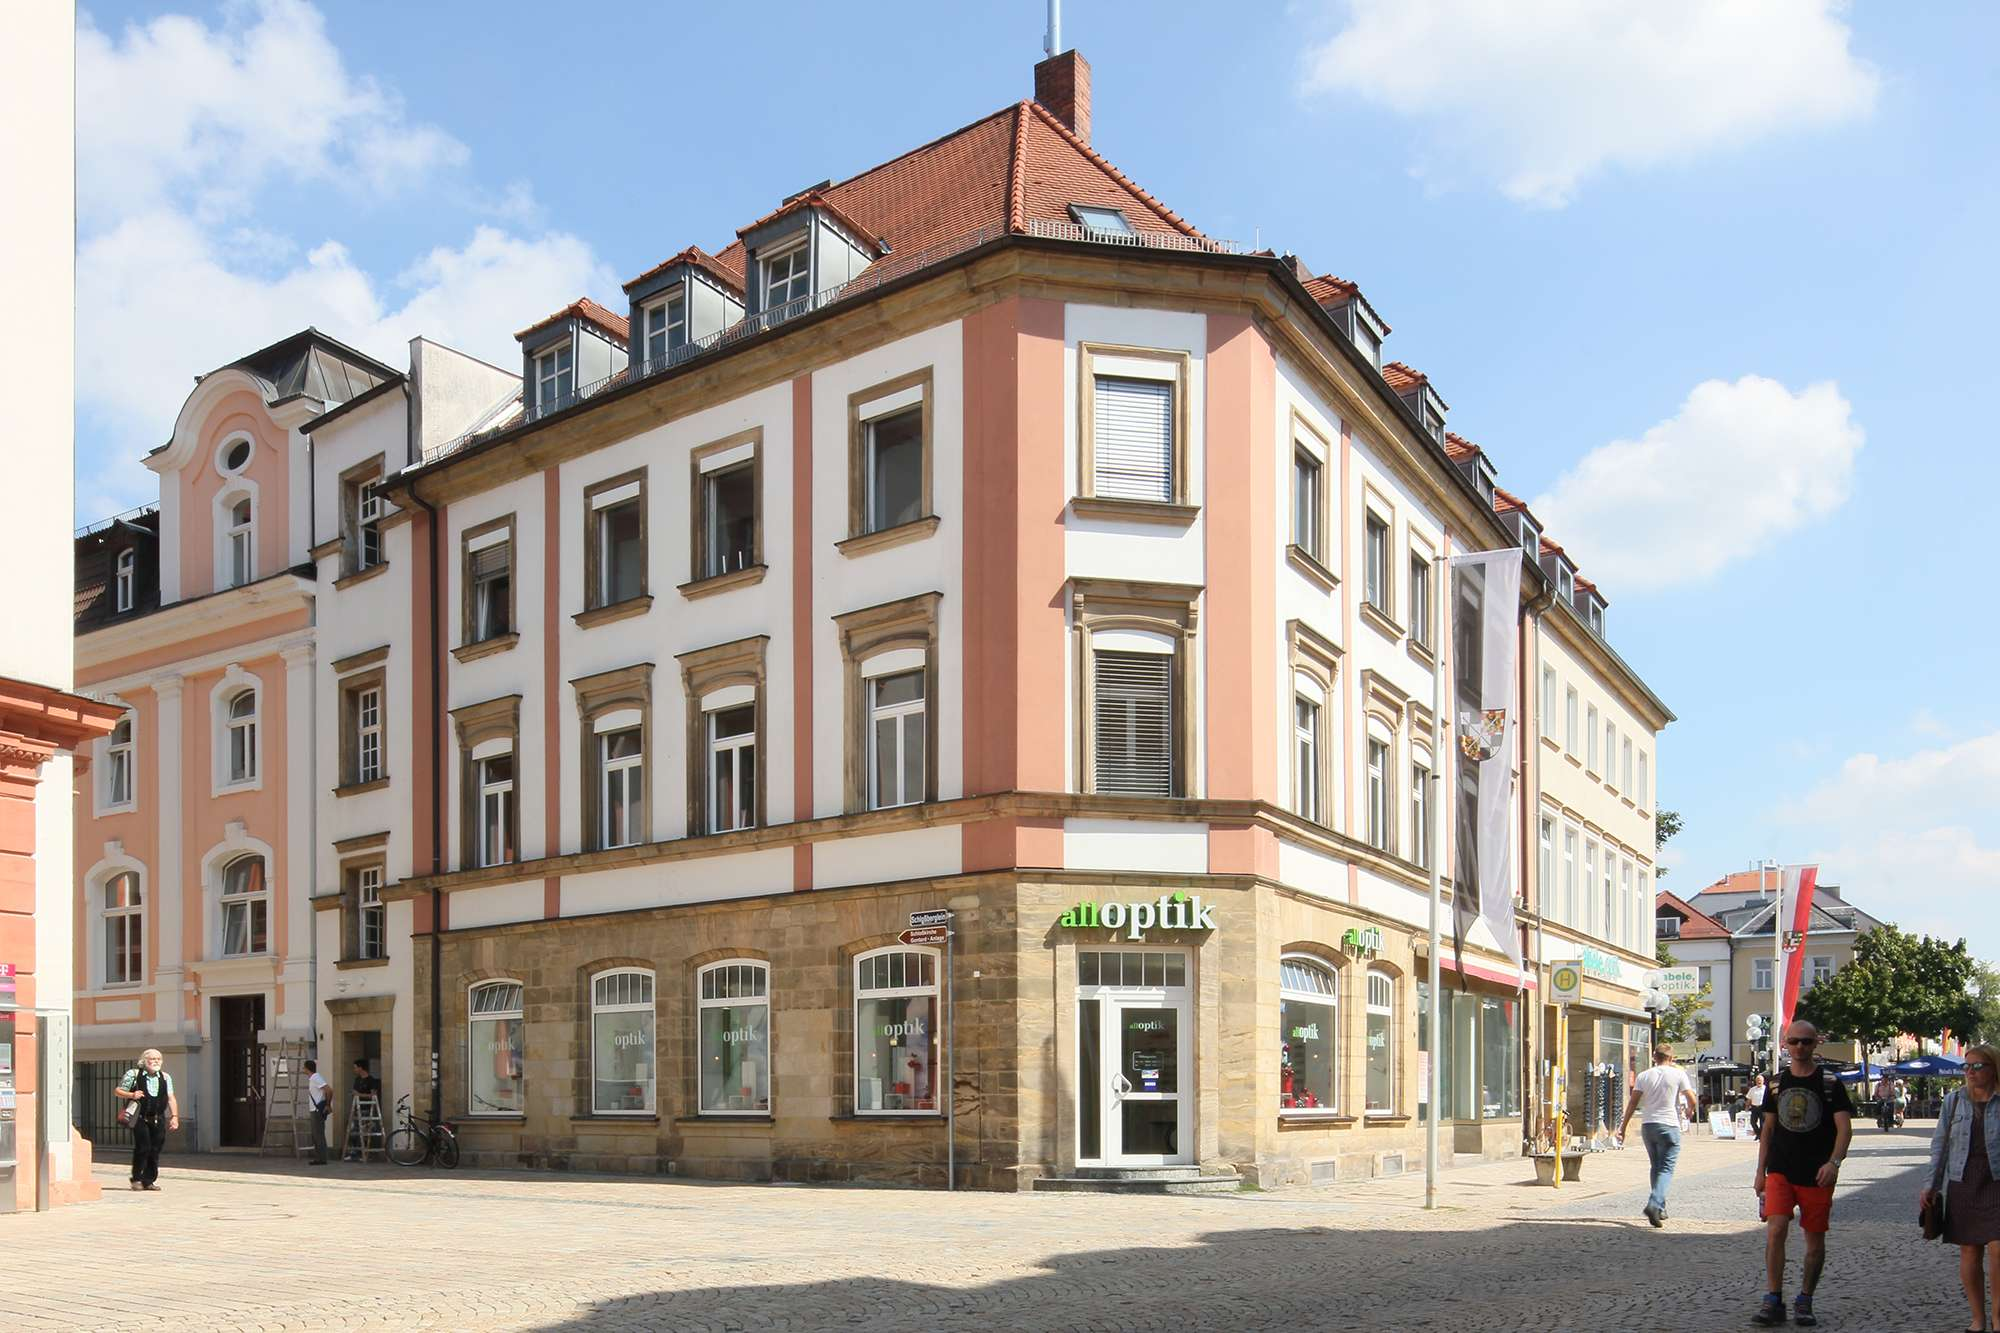 Neu aufgebaute 3-Zimmer-Wohnung mit hochwertiger Küche in Top-Lage am Marktplatz, auch WG-geeignet!